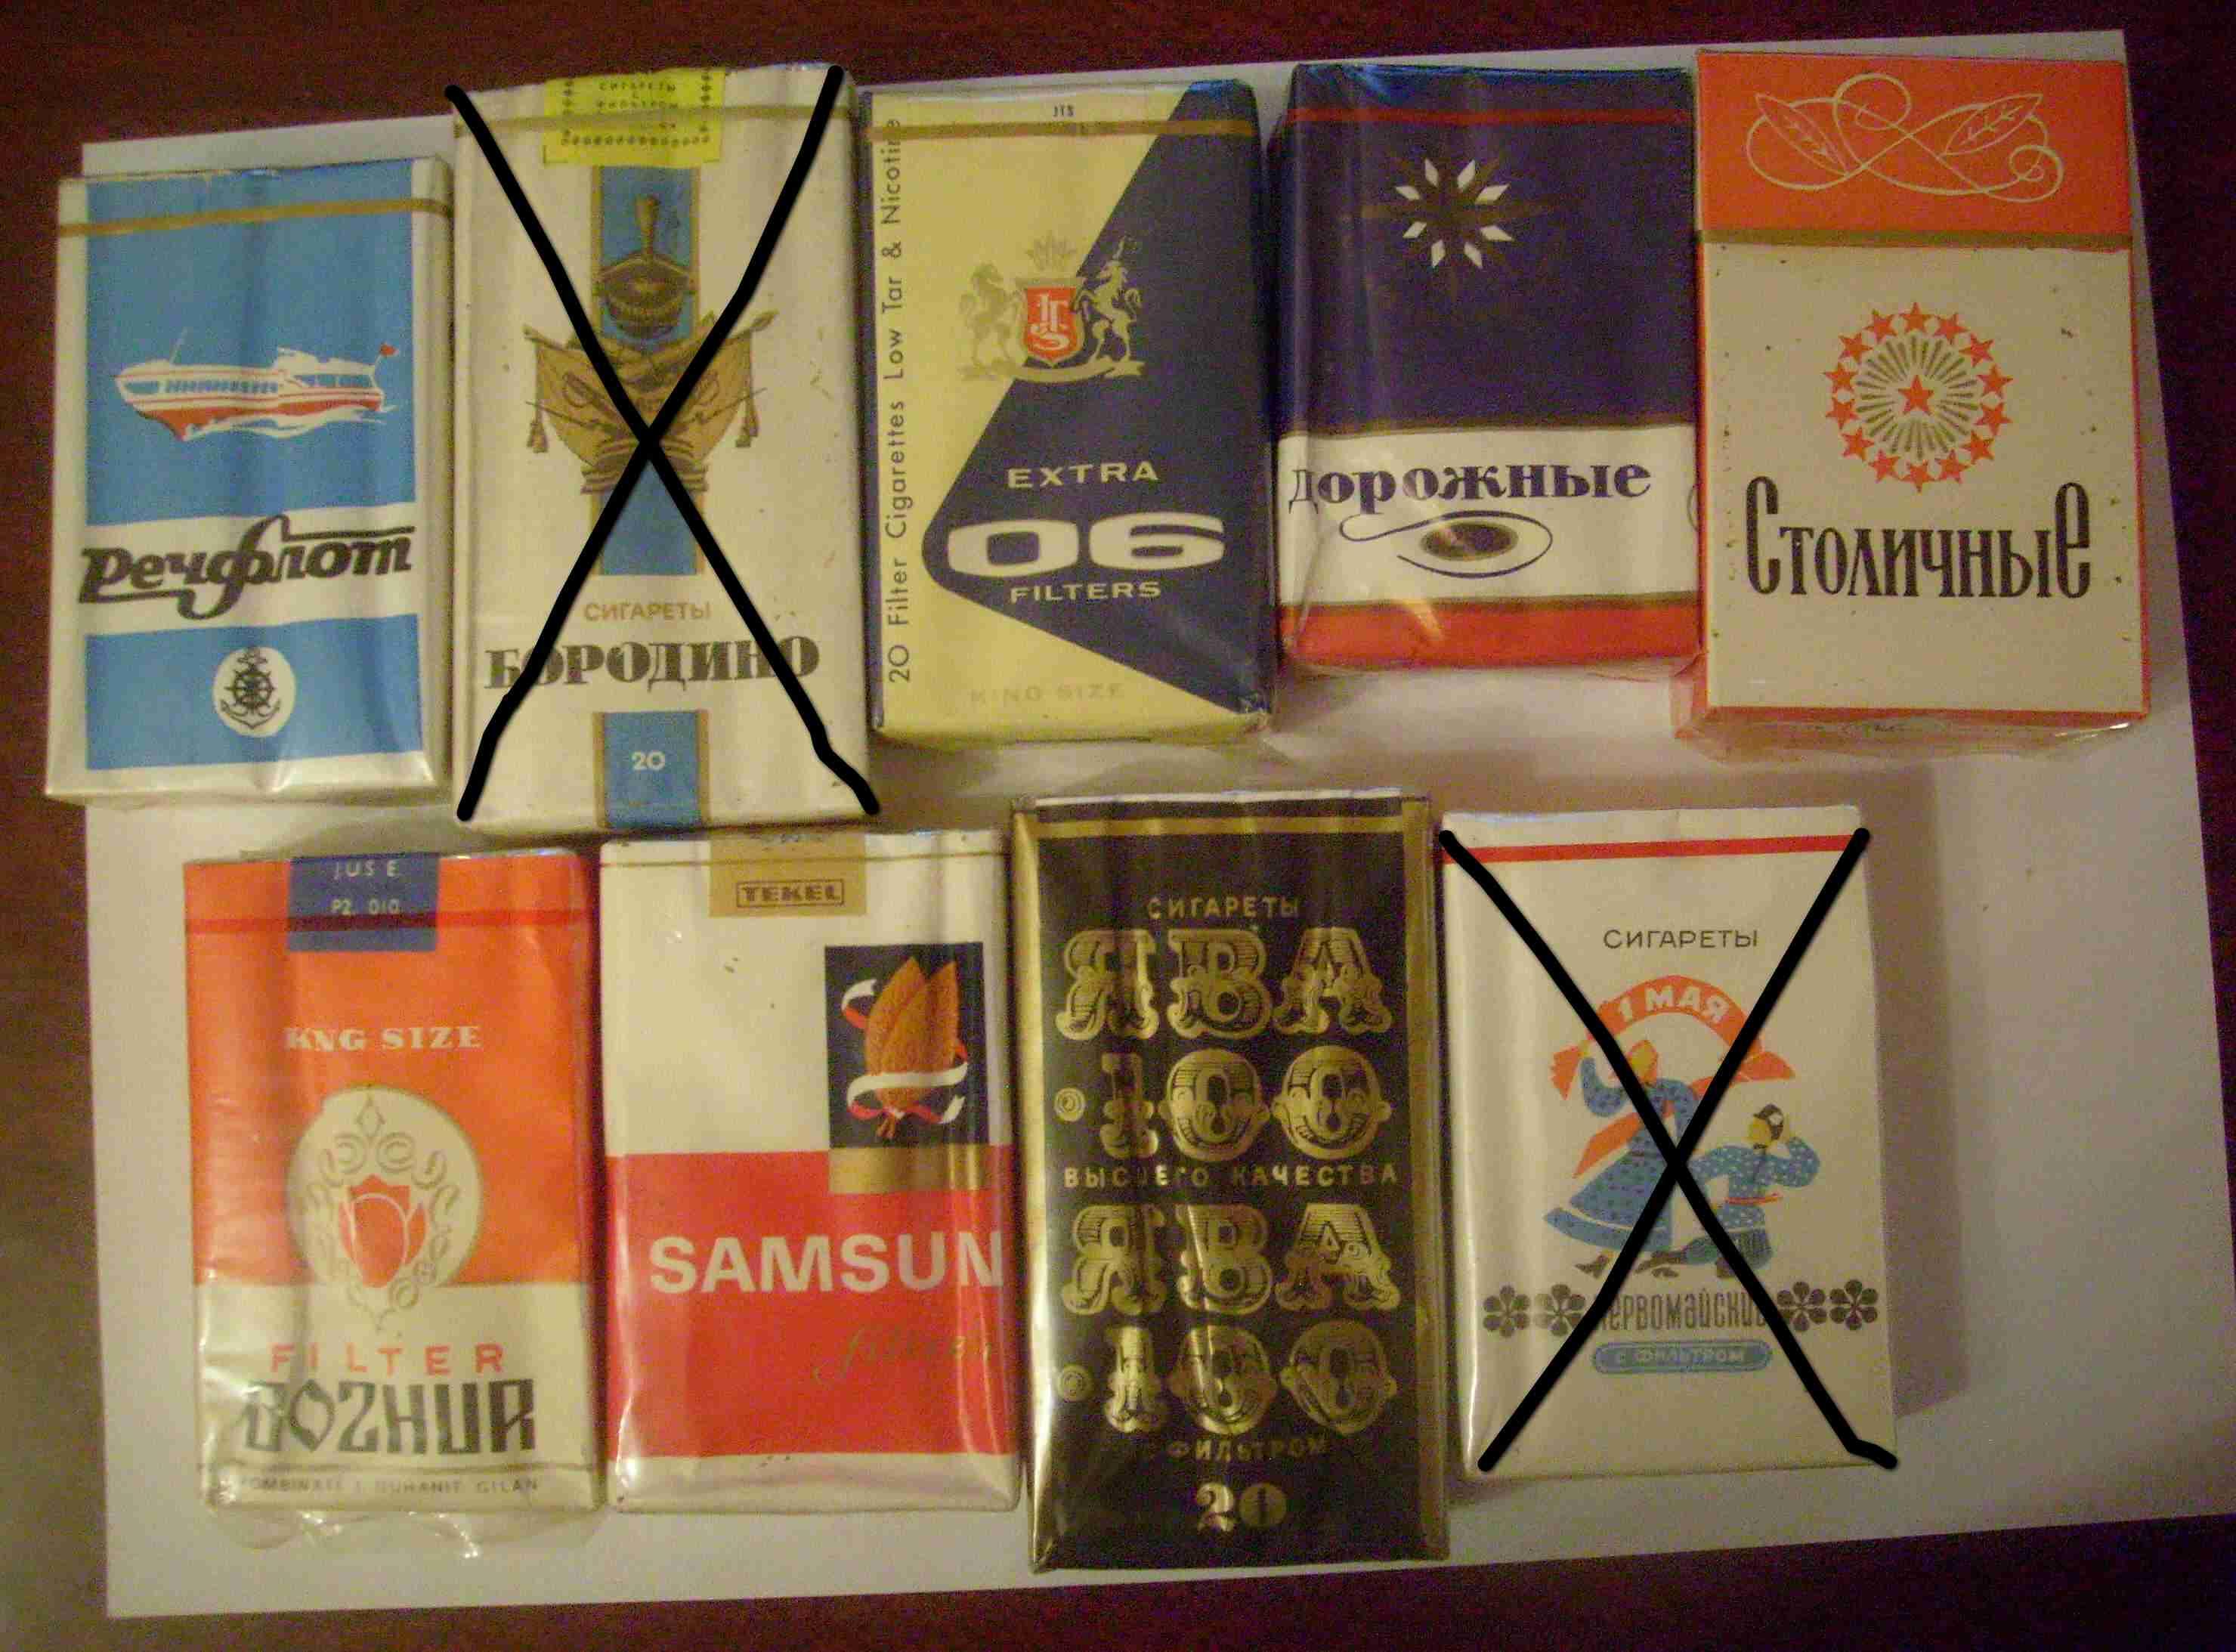 сигареты галант фото крыше спб подарит